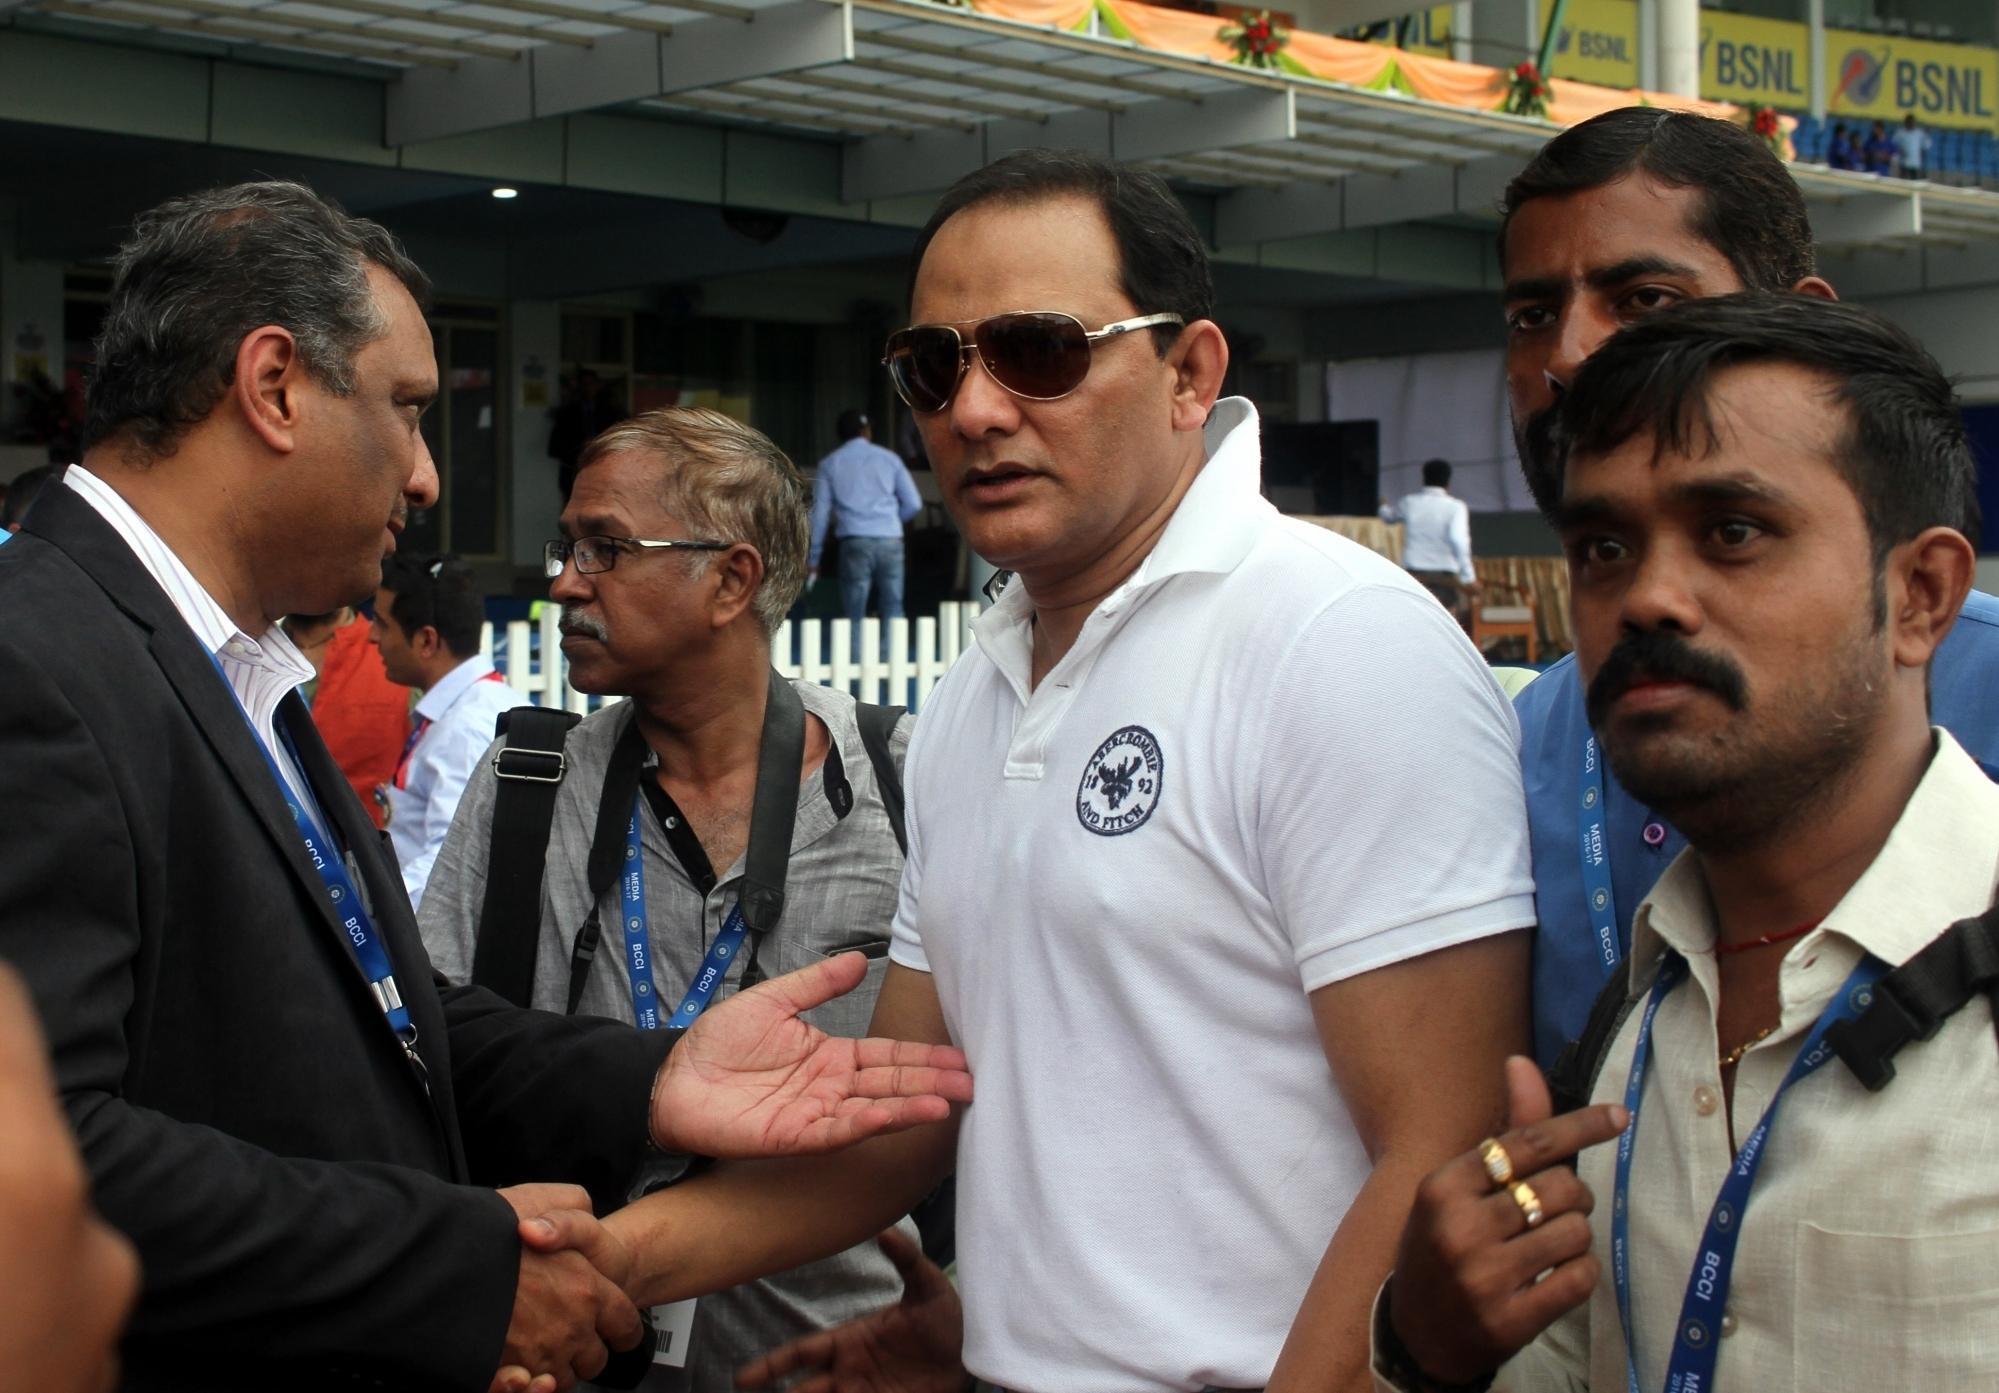 आईसीसी ने लिया बड़ा फैसला, बीसीसीआई की मुश्किलें बढ़ी, धोनी के शहर से छिन गया दूसरा टेस्ट 1